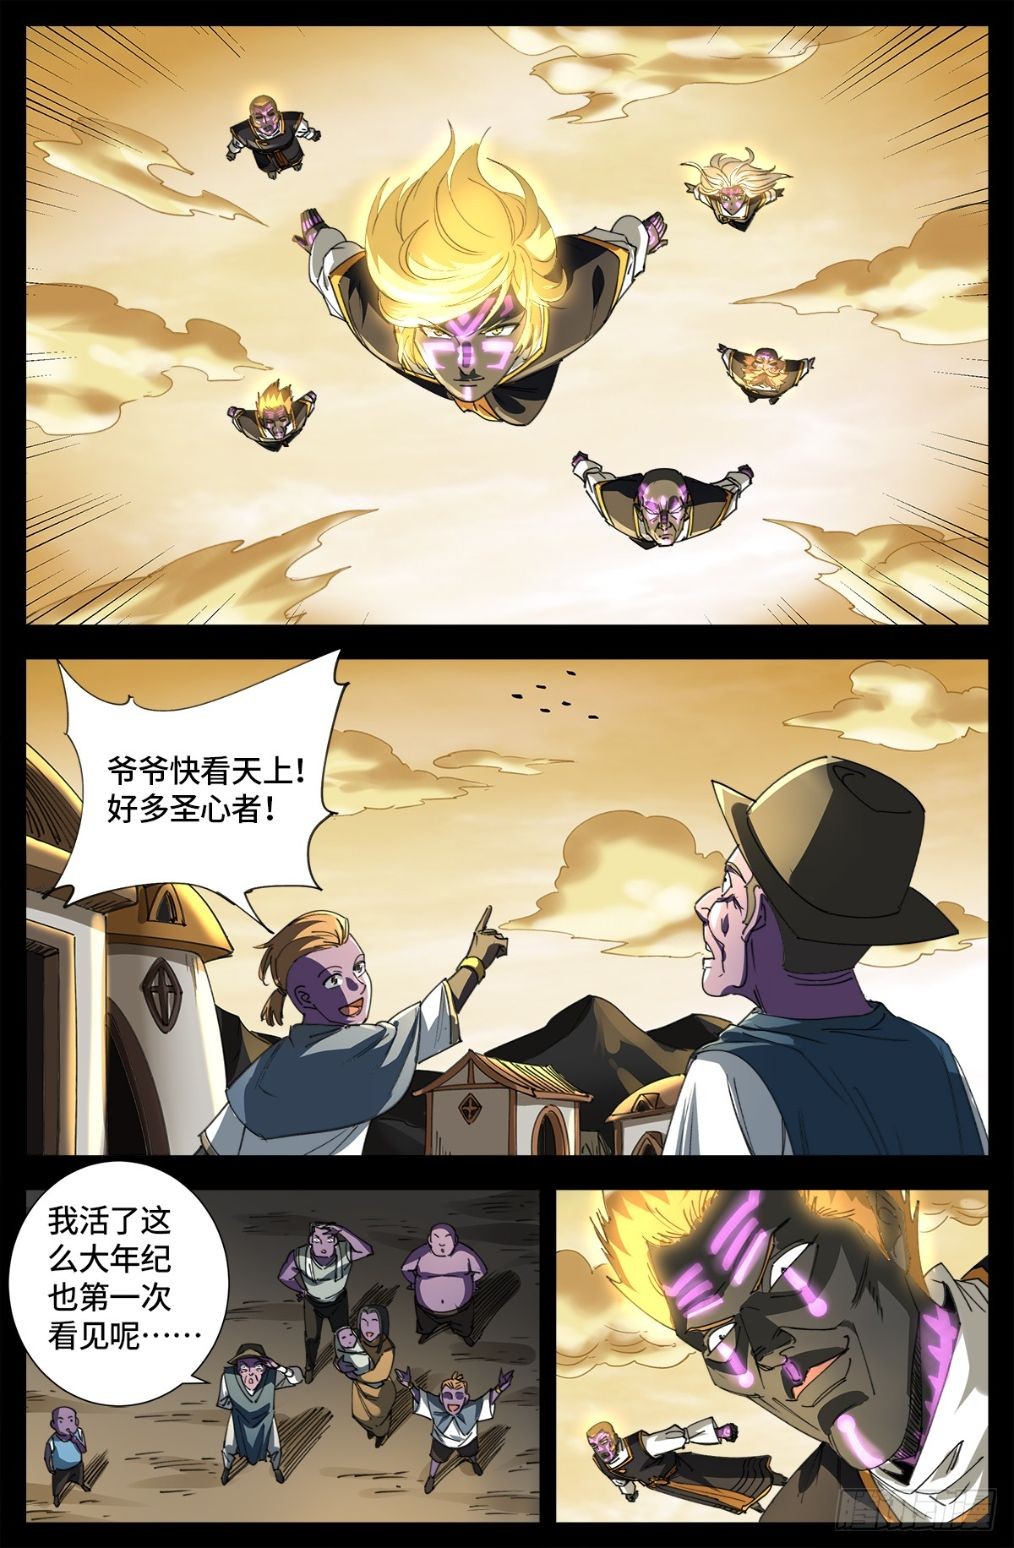 僵尸王漫画:戒魔人 第644话 圣晶的旨意